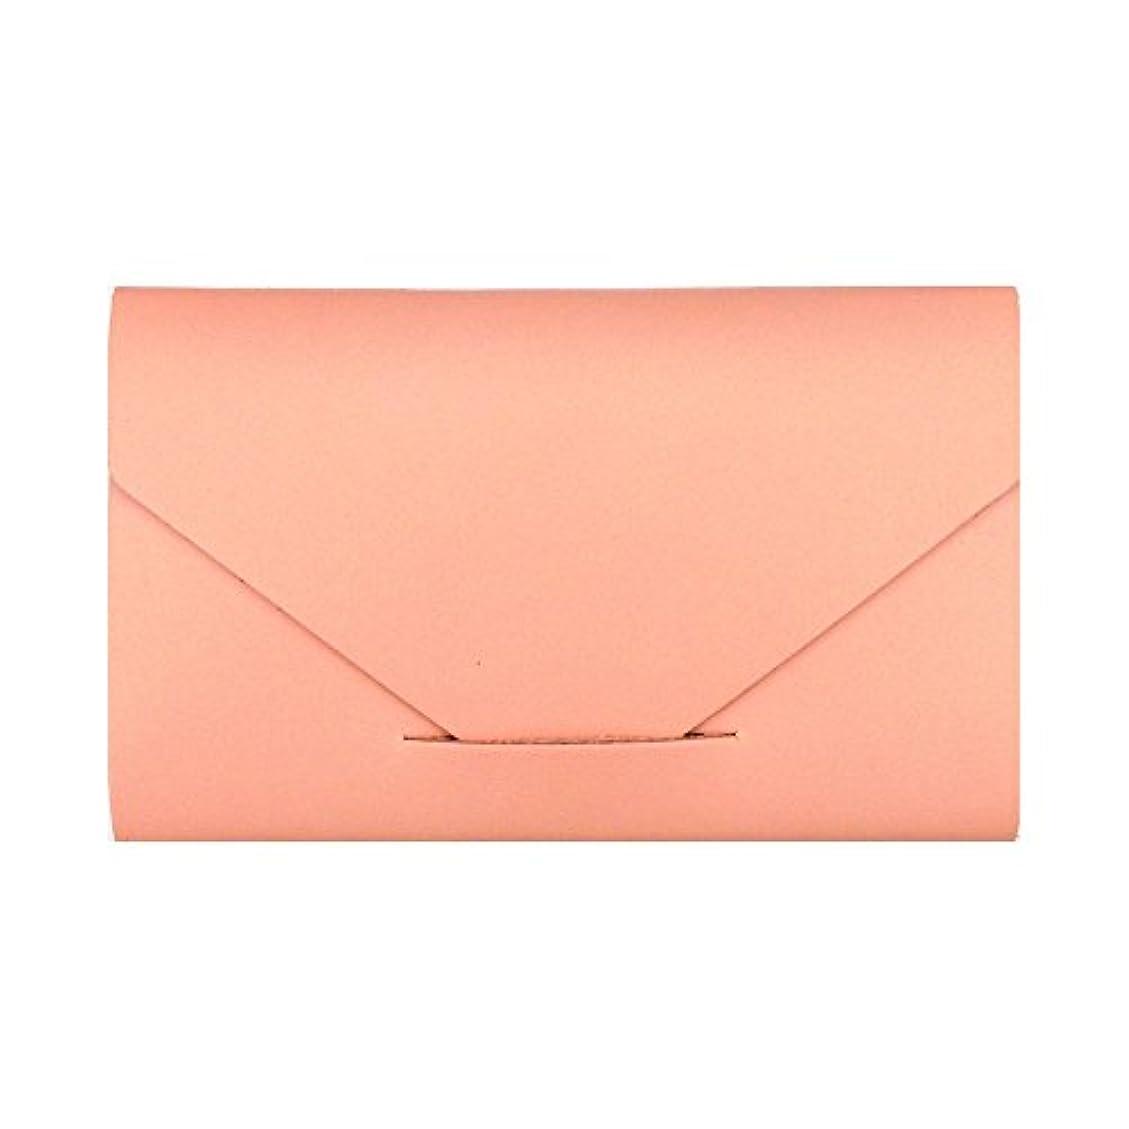 練習構造的ゆりMODERN AGE TOKYO 2 カードケース(サシェ3種入) ピンク PINK CARD CASE モダンエイジトウキョウツー